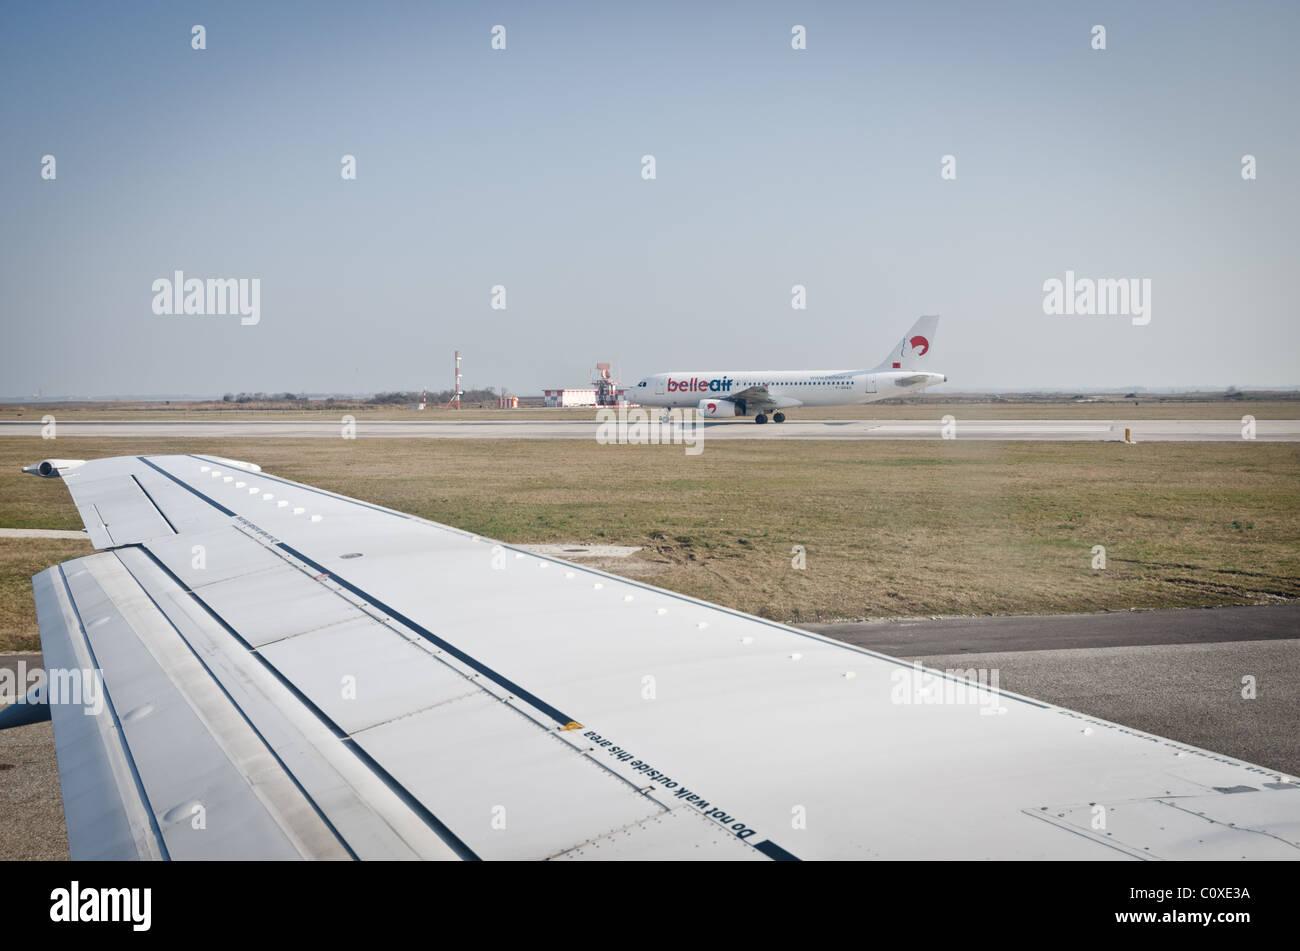 plane taxiing on runway - Stock Image